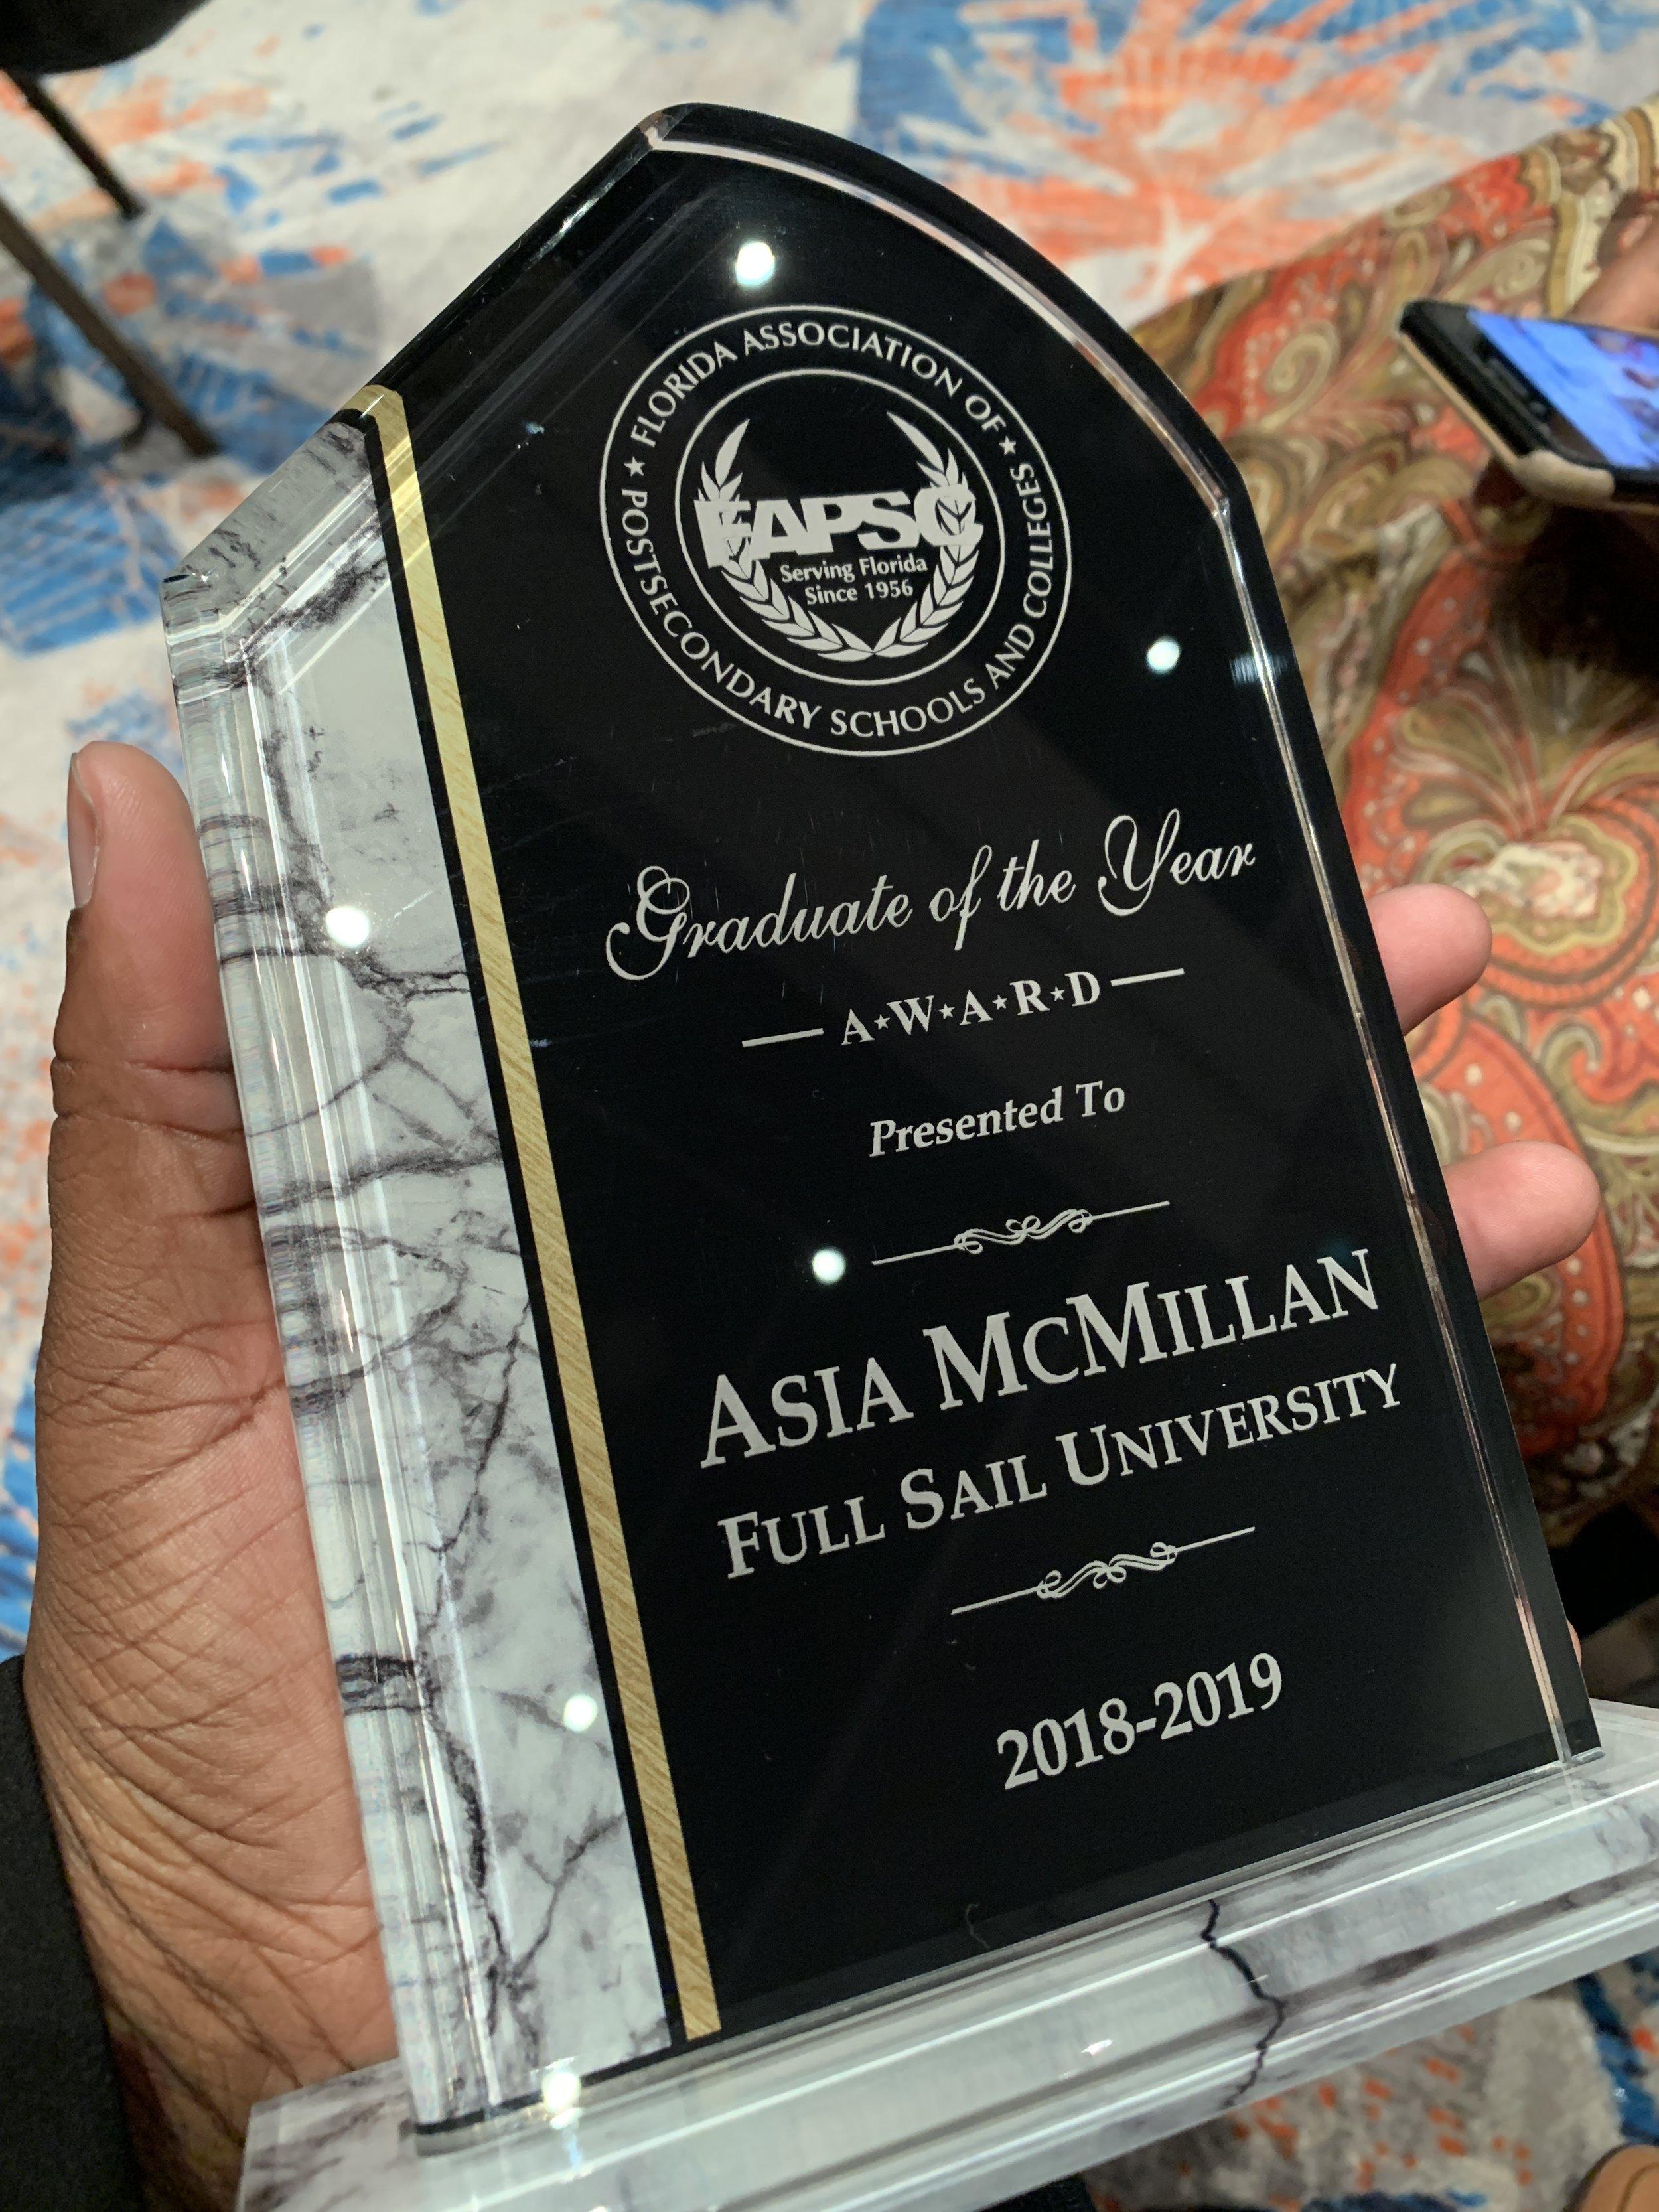 Asia-McMillan-graduate-of-the-year.JPG